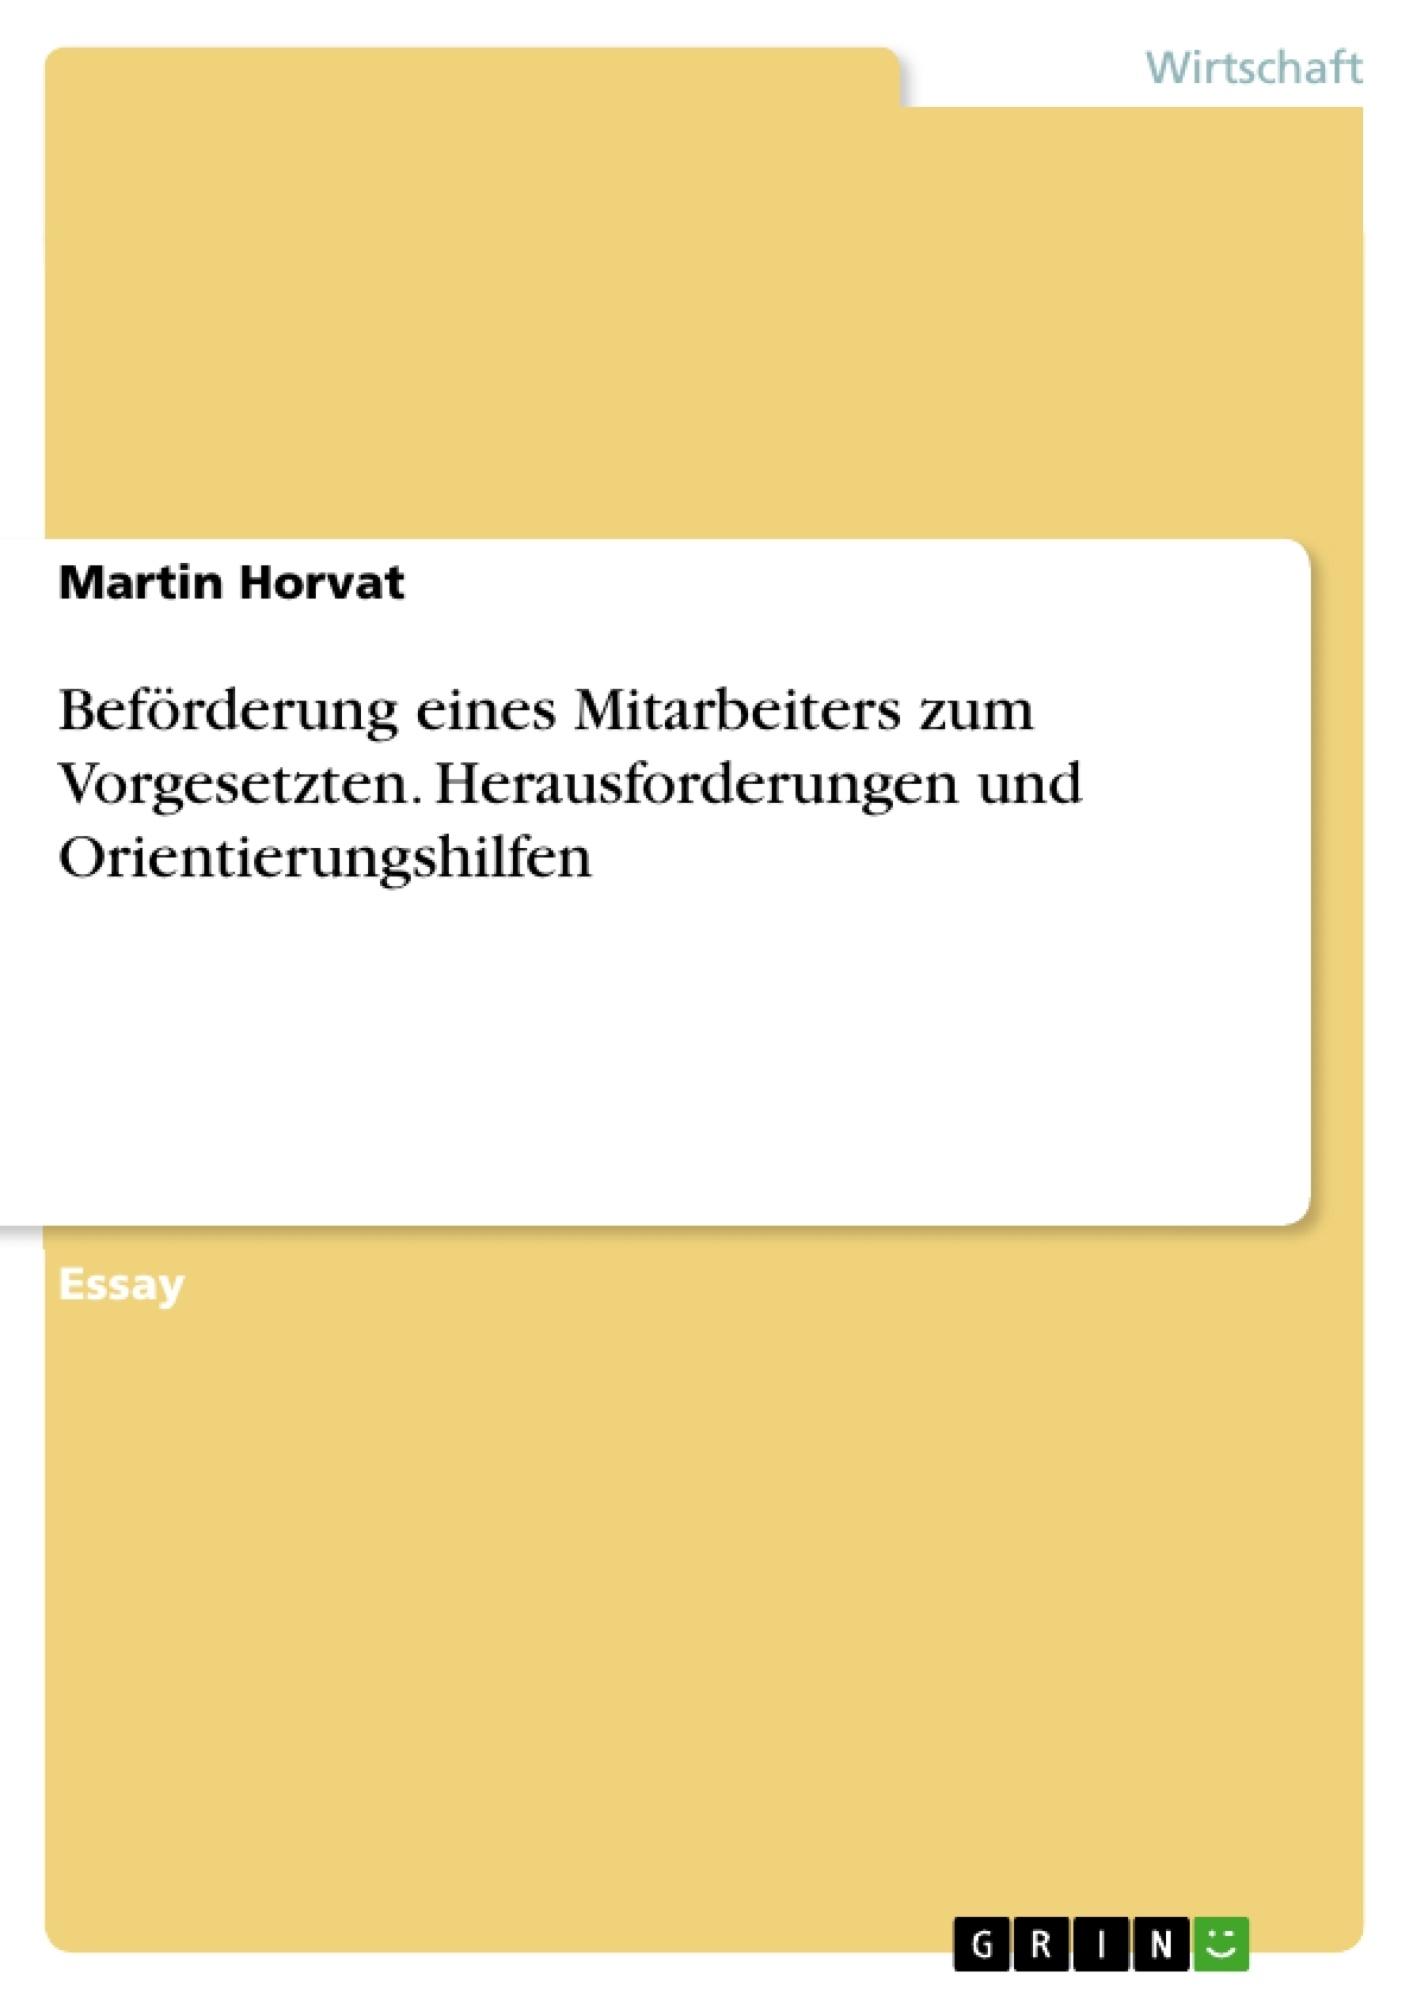 Titel: Beförderung eines Mitarbeiters zum Vorgesetzten. Herausforderungen und Orientierungshilfen